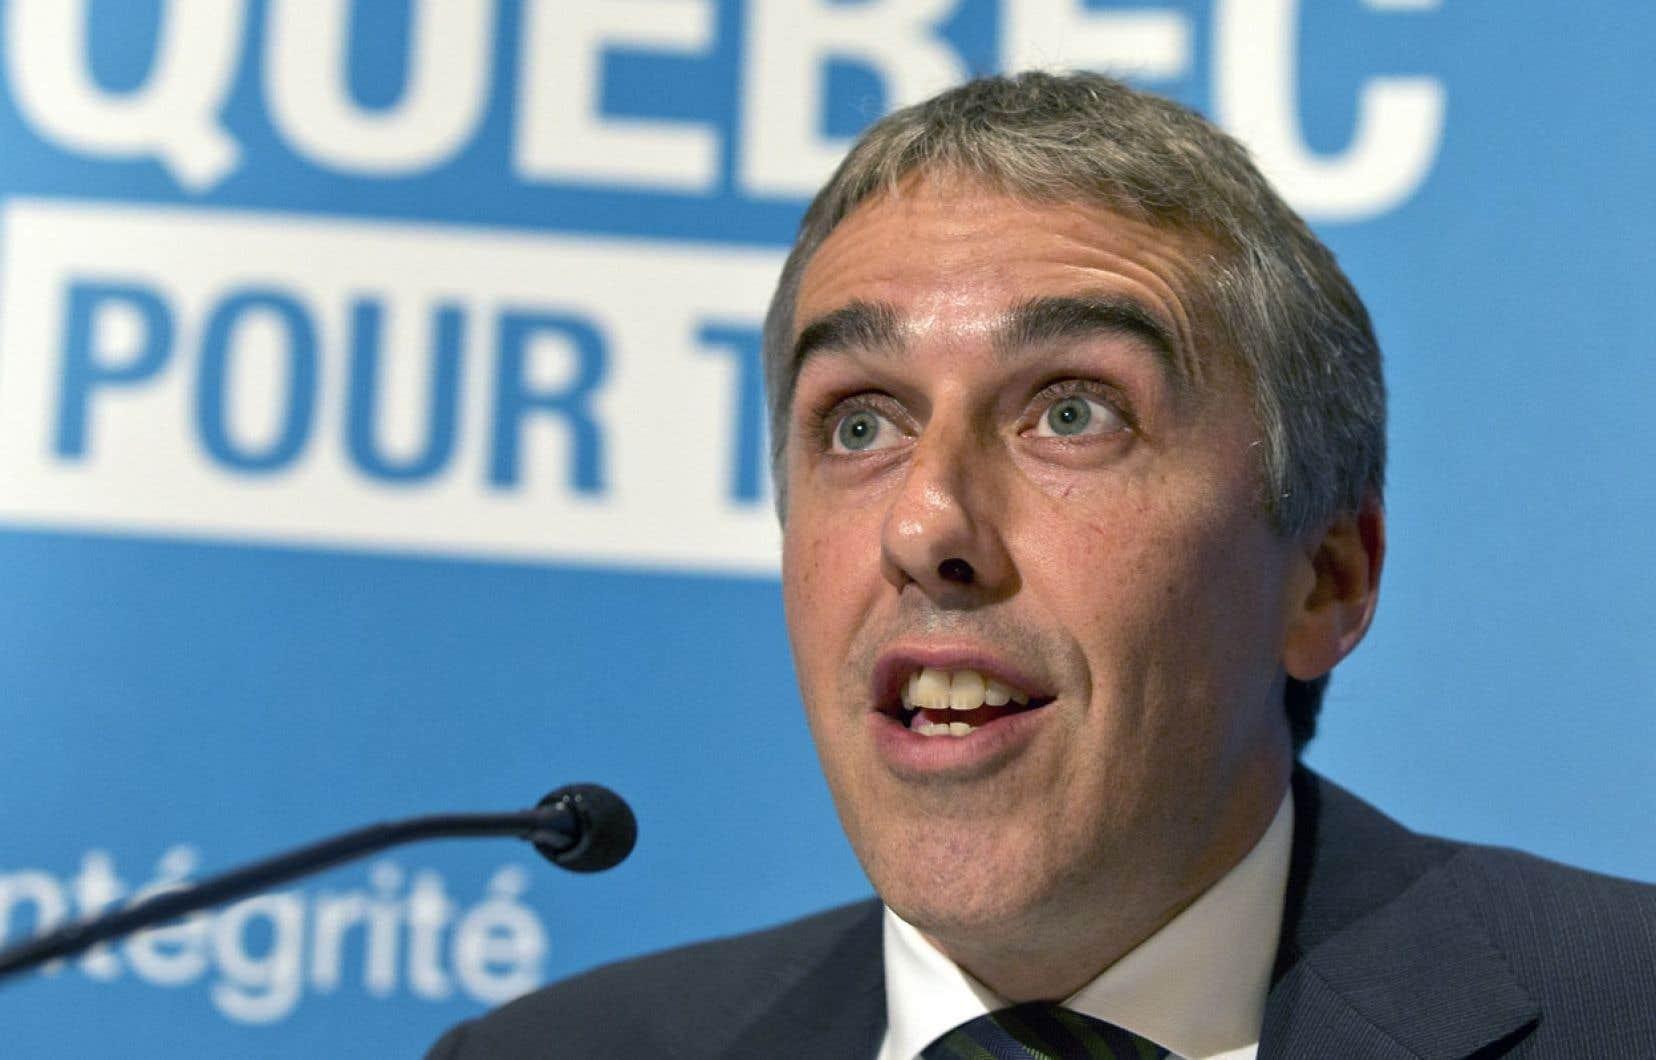 L'Accord économique et commercial global entraînera une hausse des exportations québécoises vers les 28 pays de l'Union européenne, selon le ministre Nicolas Marceau.